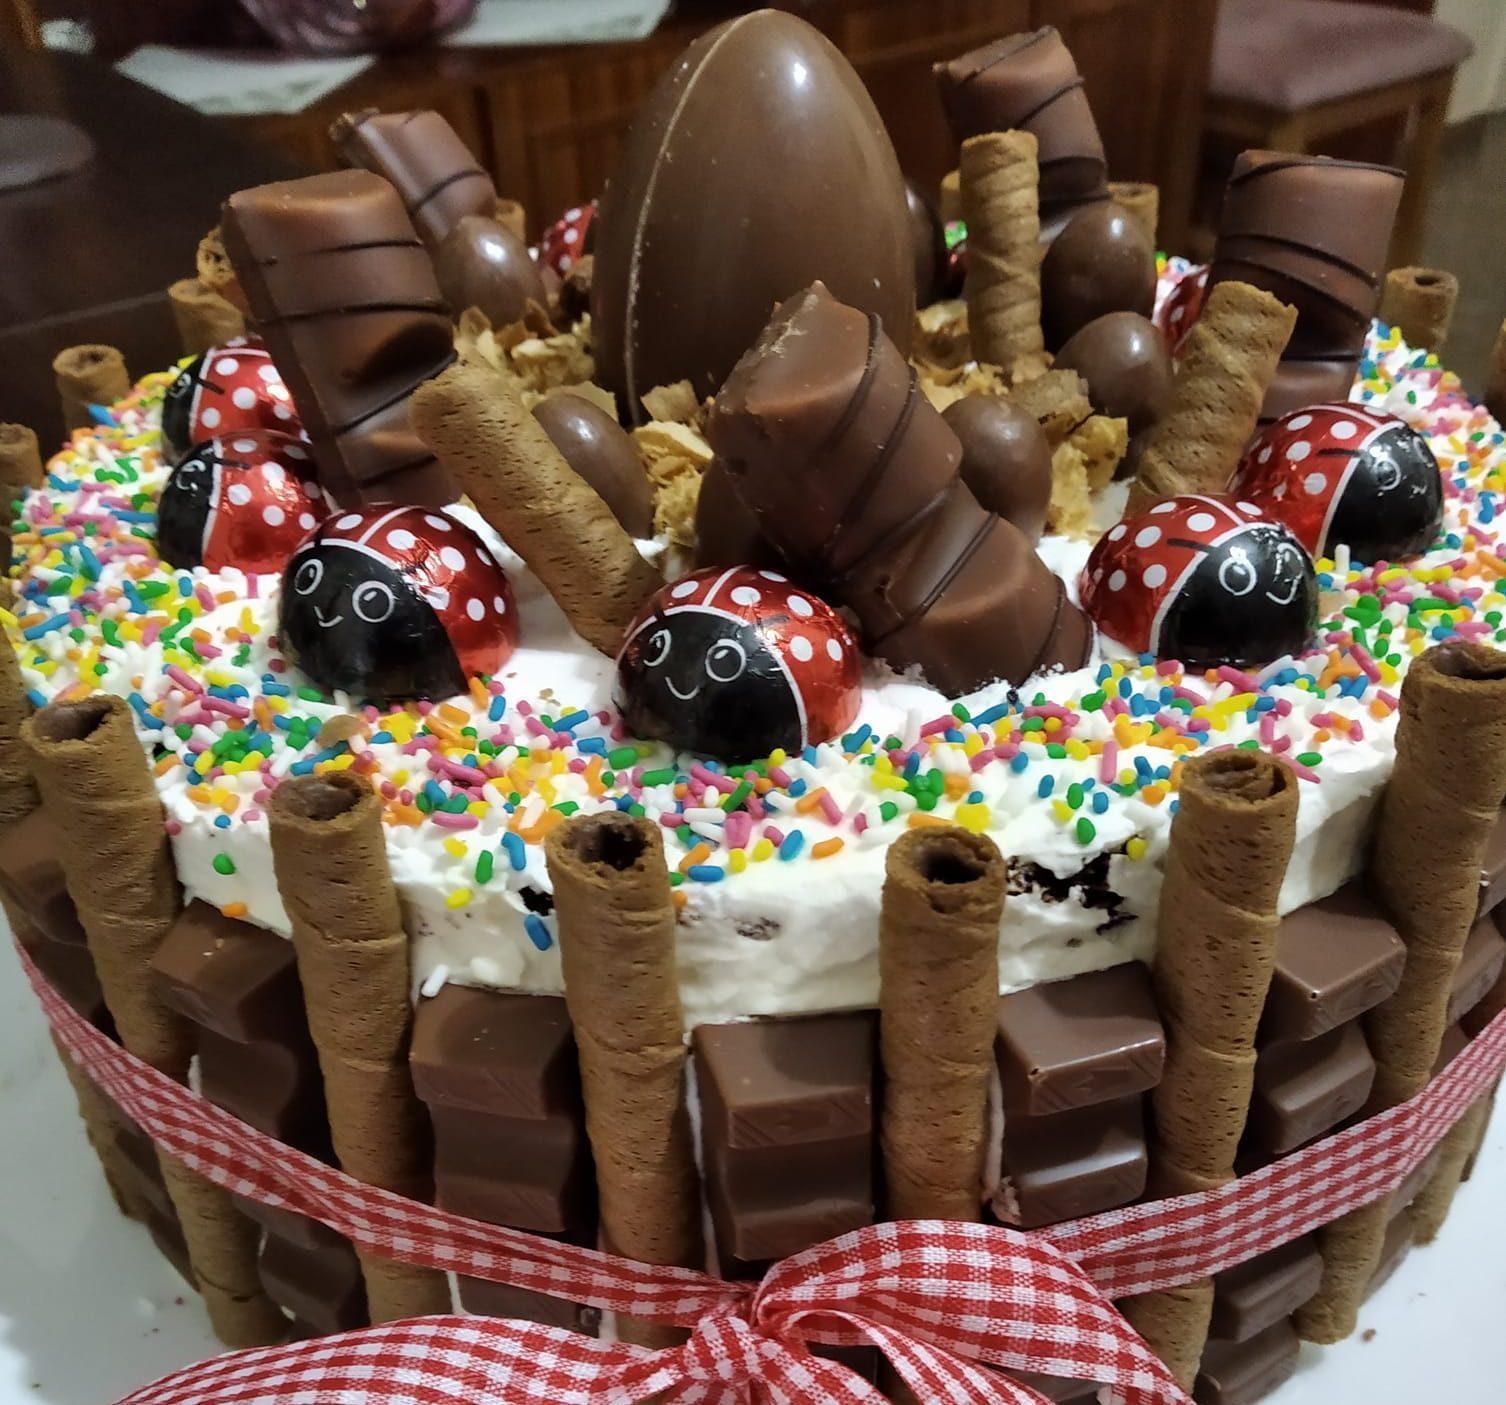 Εύκολη τούρτα κίντερ για παιδικά γενέθλια_